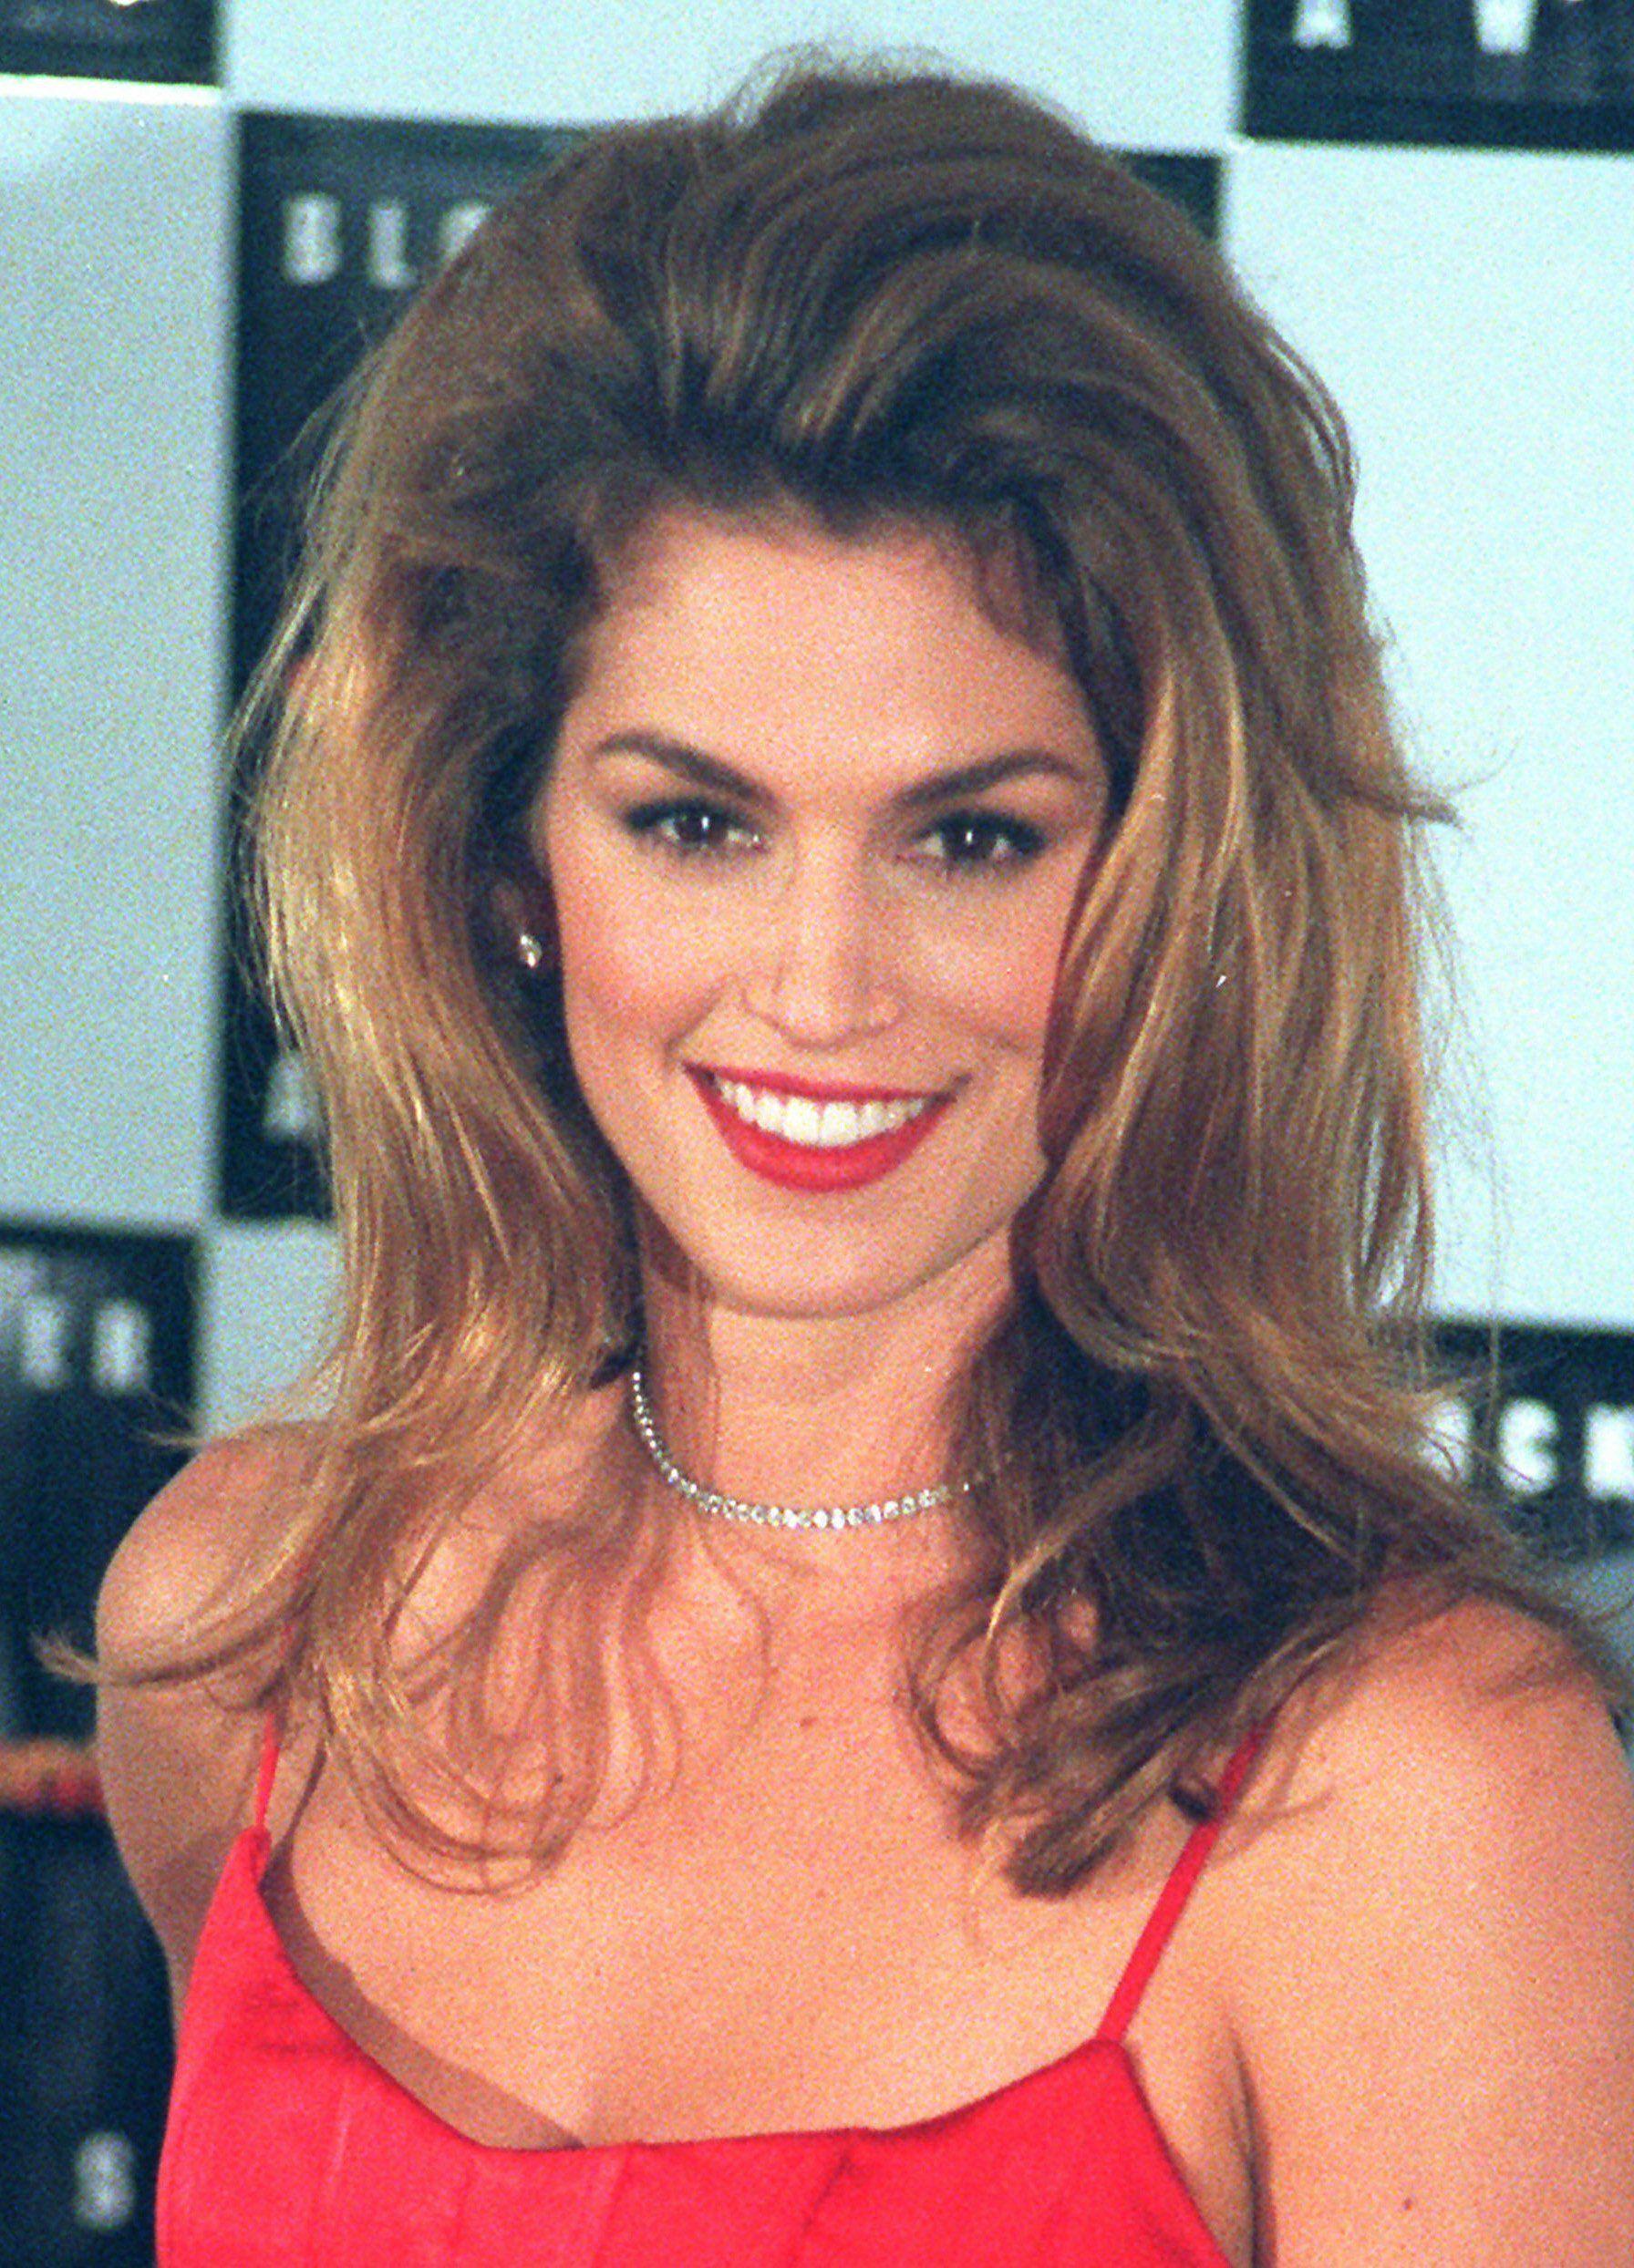 Coiffures des années 90 : Cindy Crawfod, une grande coiffure des années 90 sur des cheveux bruns. Cindy porte une robe camisole rouge et du rouge à lèvres rouge